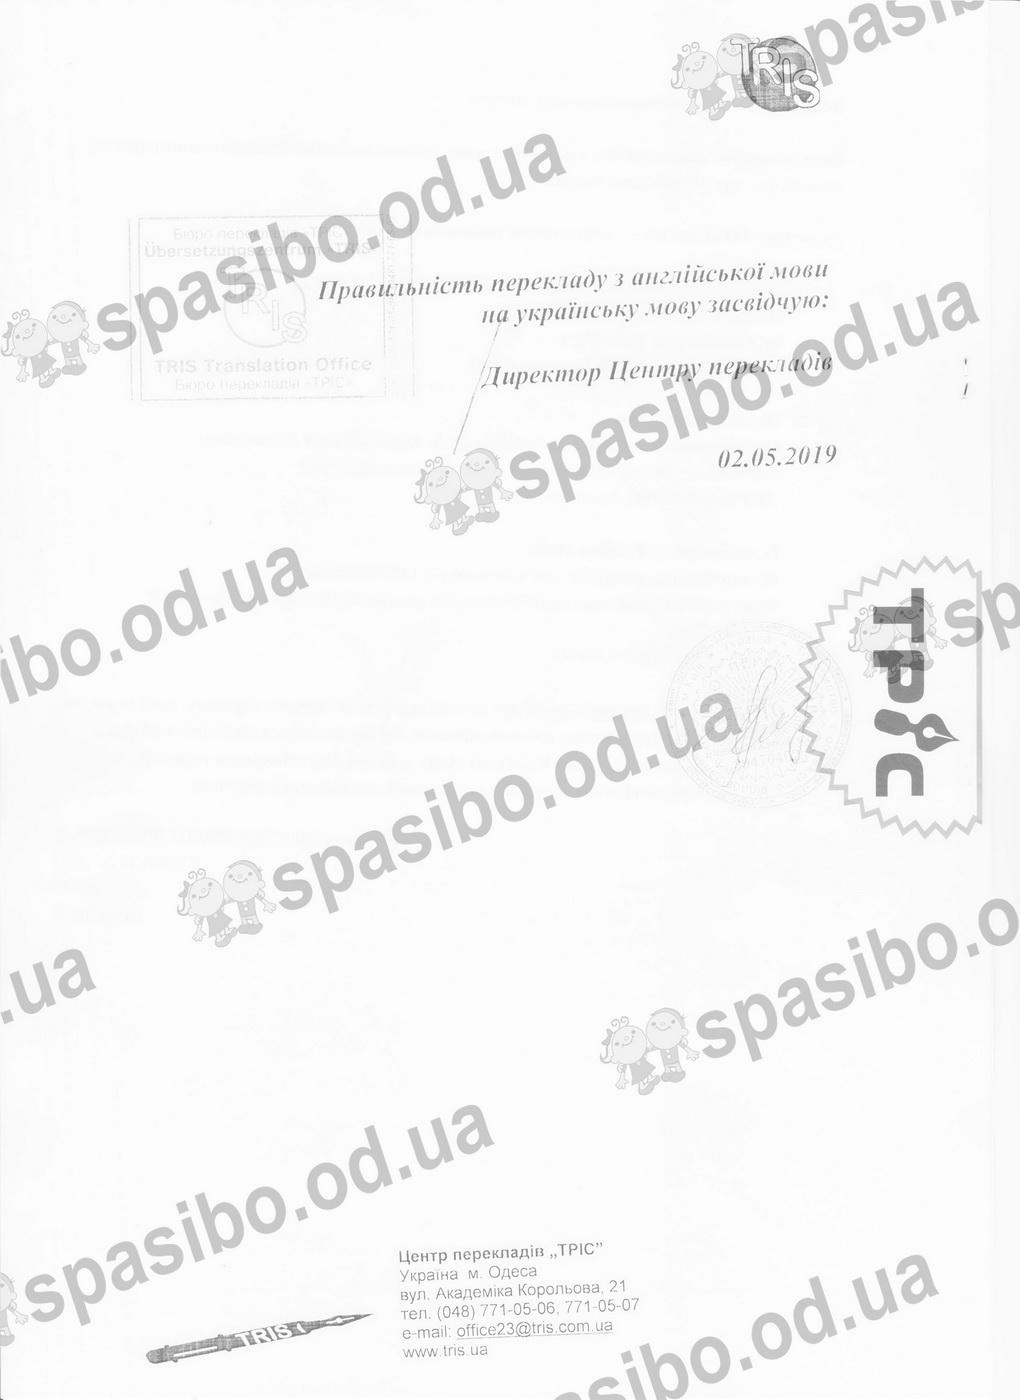 Інструкція для БО СПАСИБІ.  003